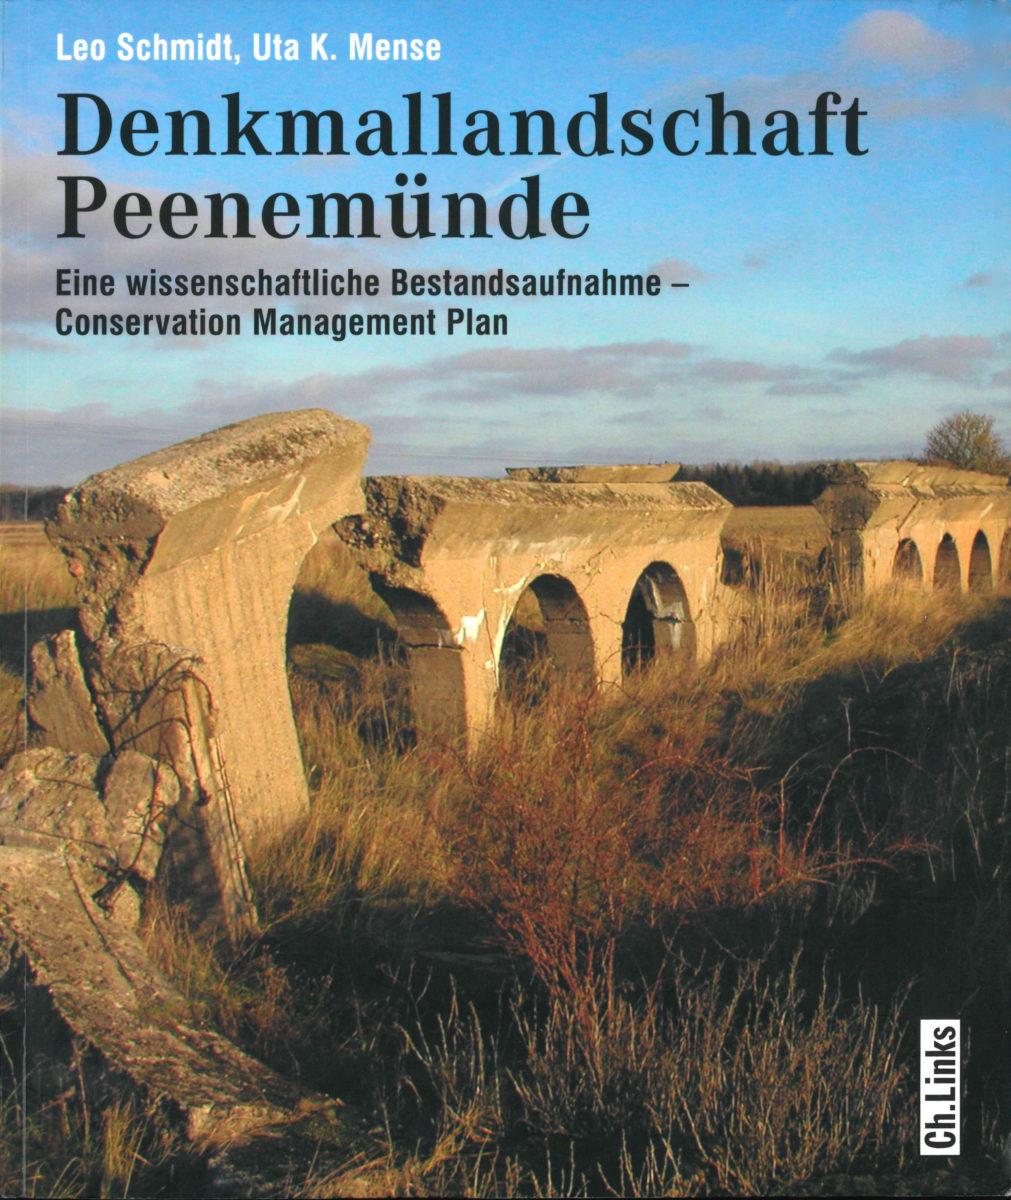 Denkmal-Landschaft Peenemünde CMP